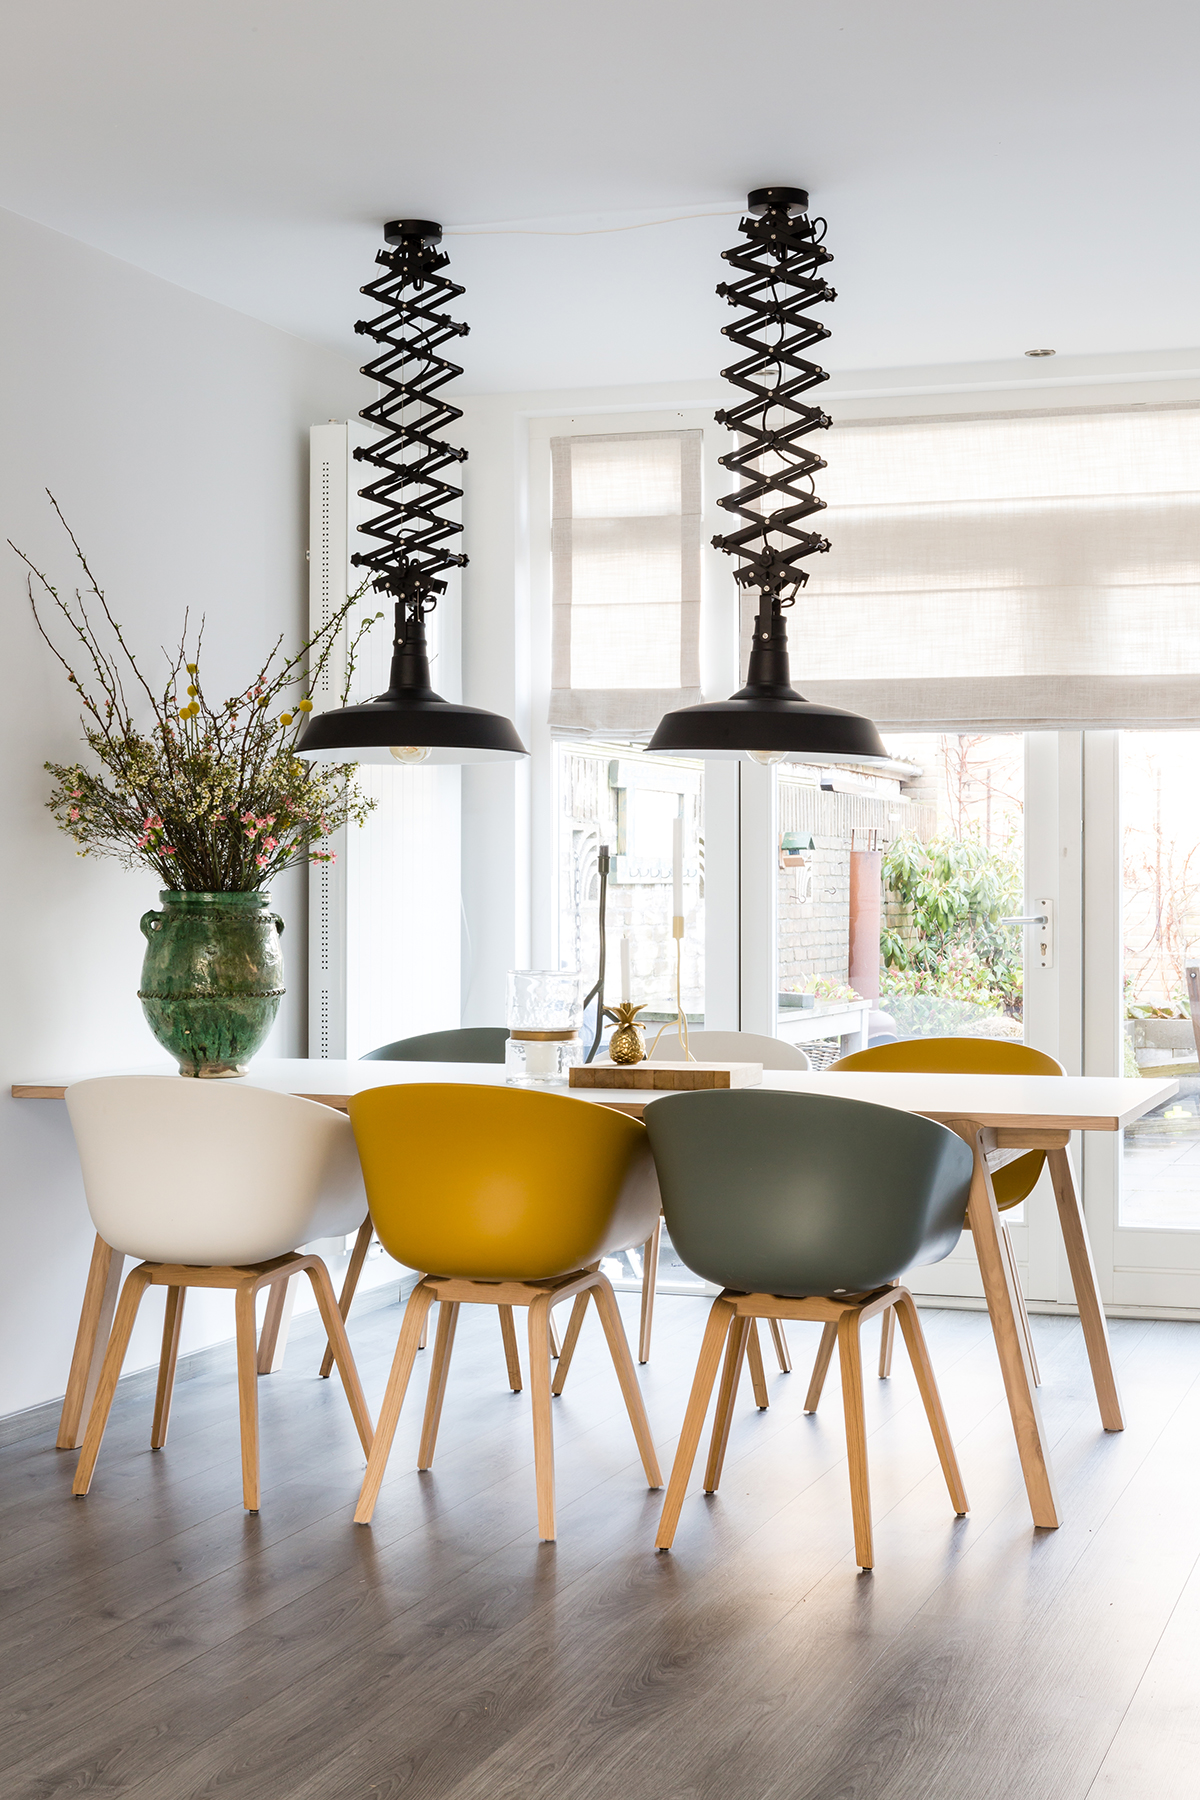 Dezelfde eettafelstoelen in verschillende kleuren aan een tafel met zwarte hanglampen erboven